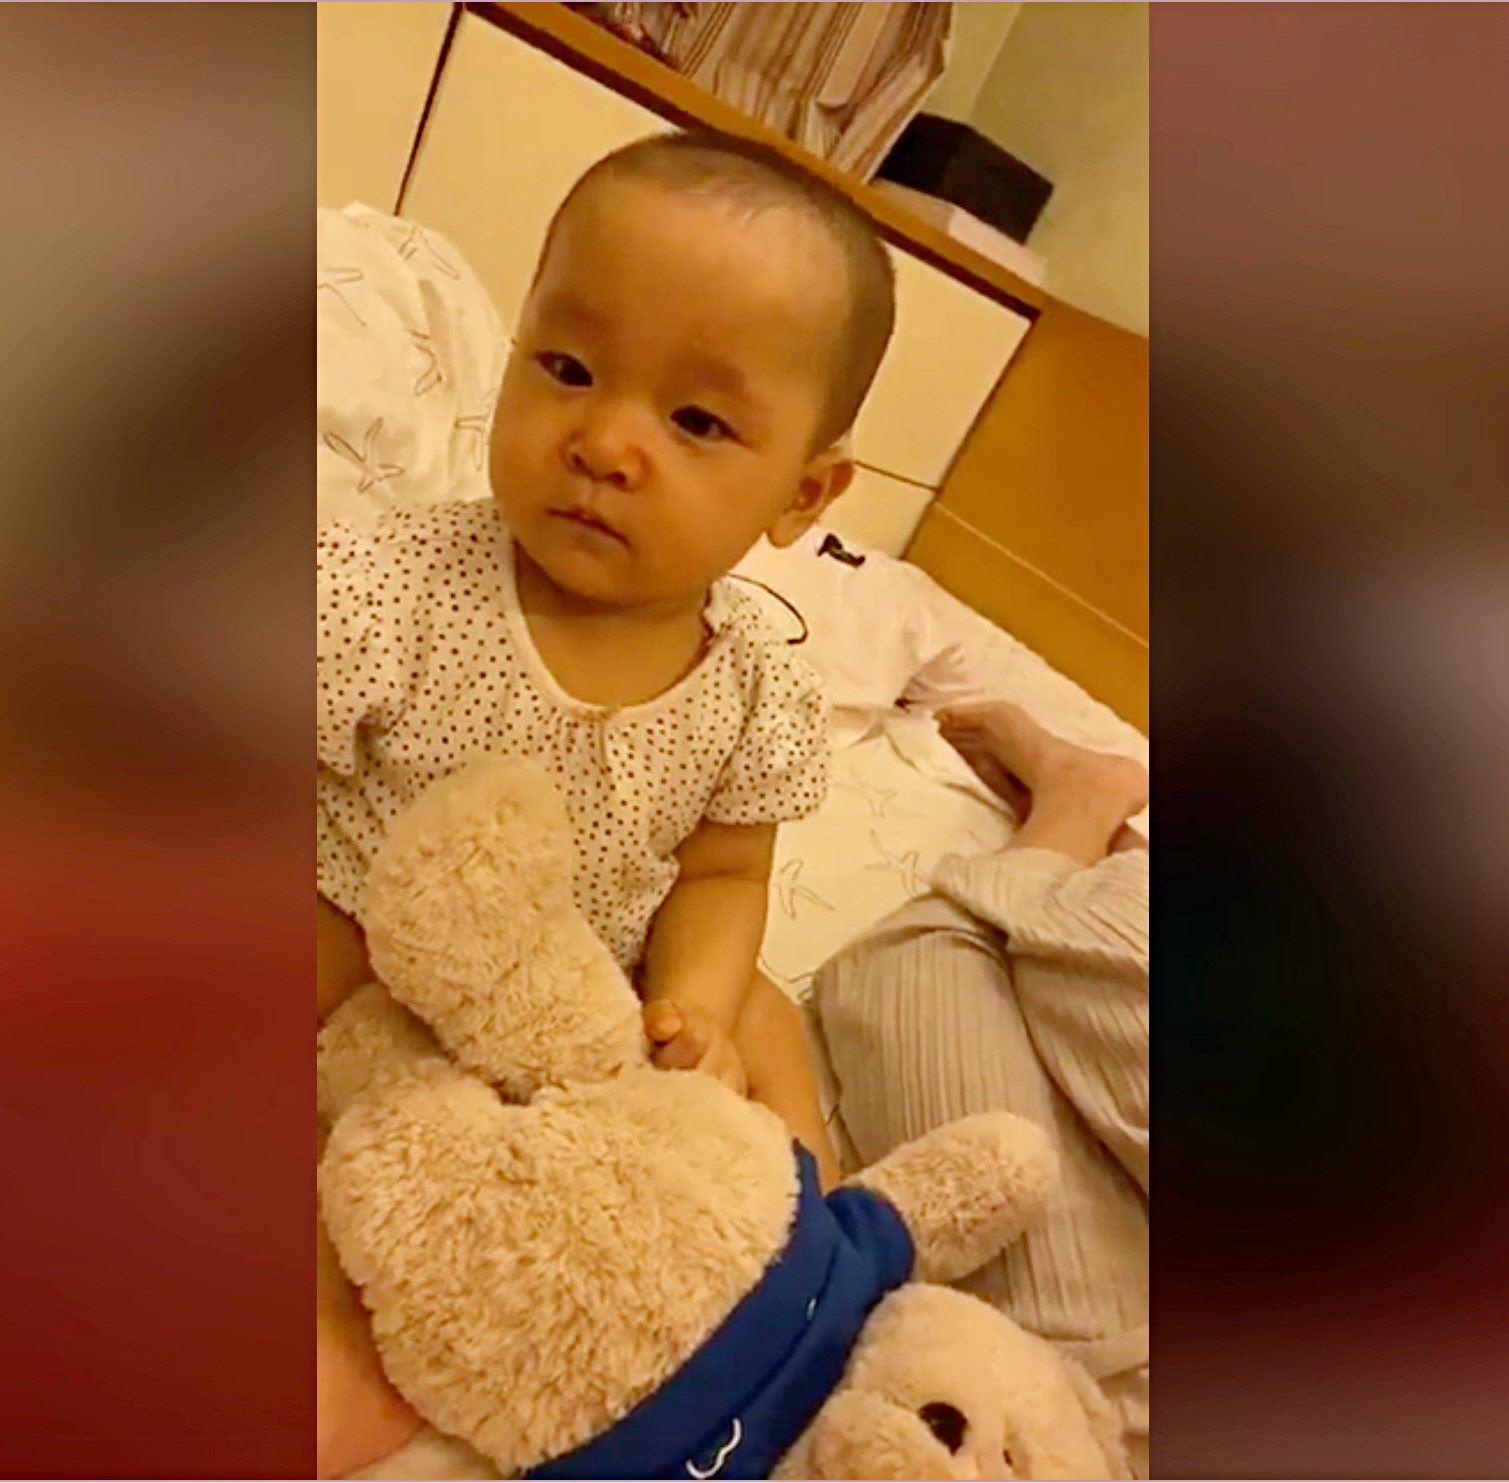 Bé gái 7 tháng tuổi khiến HH Mai Phương Thuý cũng lu mờ, 30 phút hút nghìn người hâm mộ - Ảnh 2